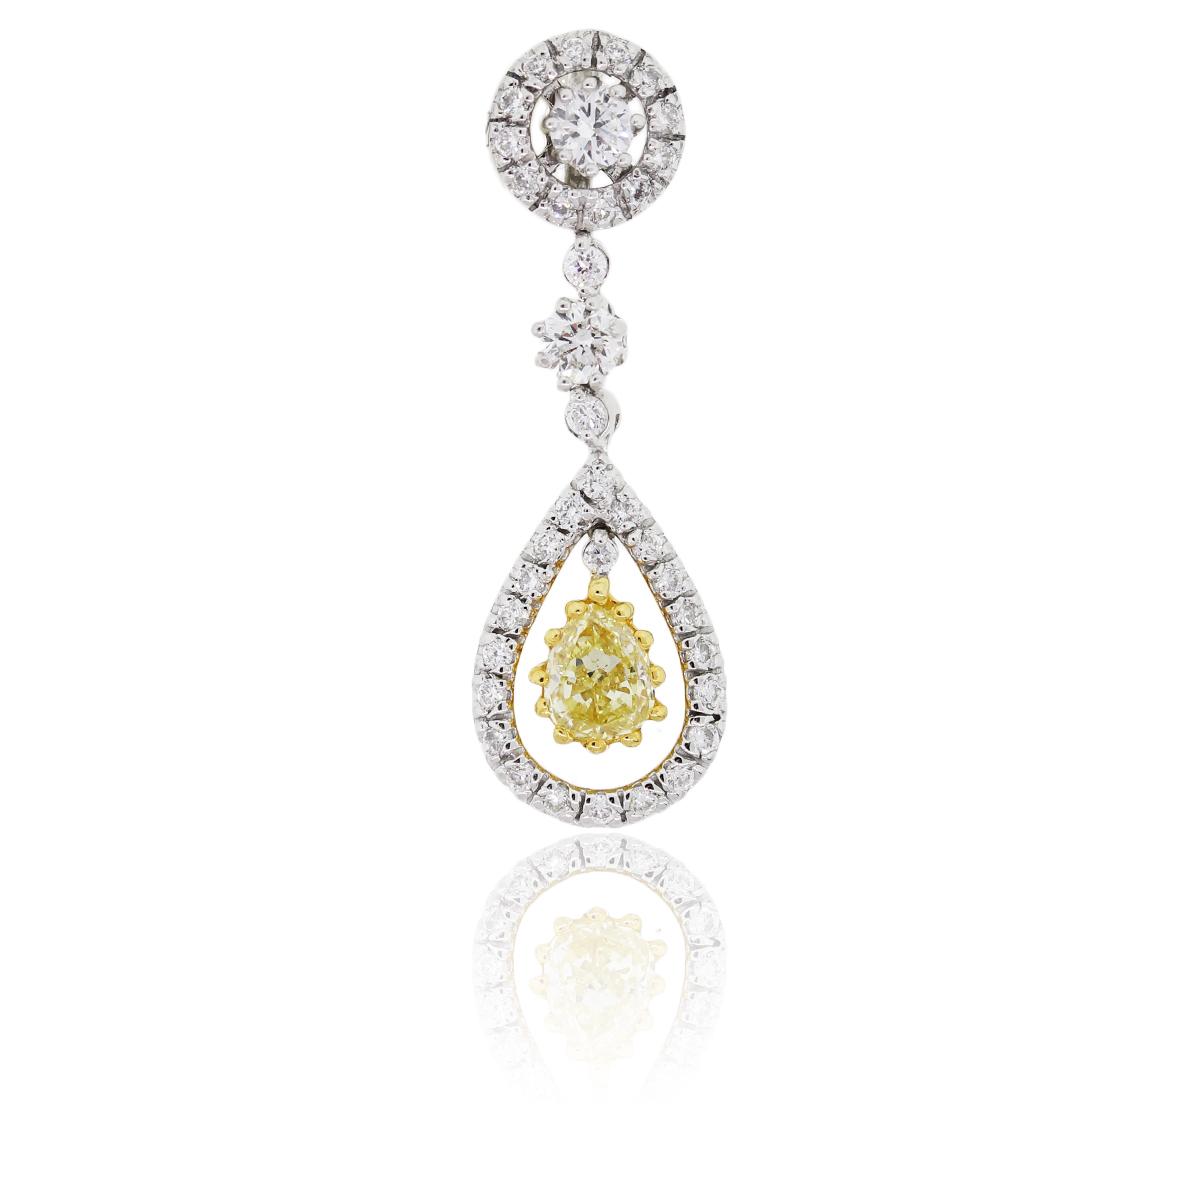 14K 0.66ct Fancy Yellow Pear Shape Diamond Pendant